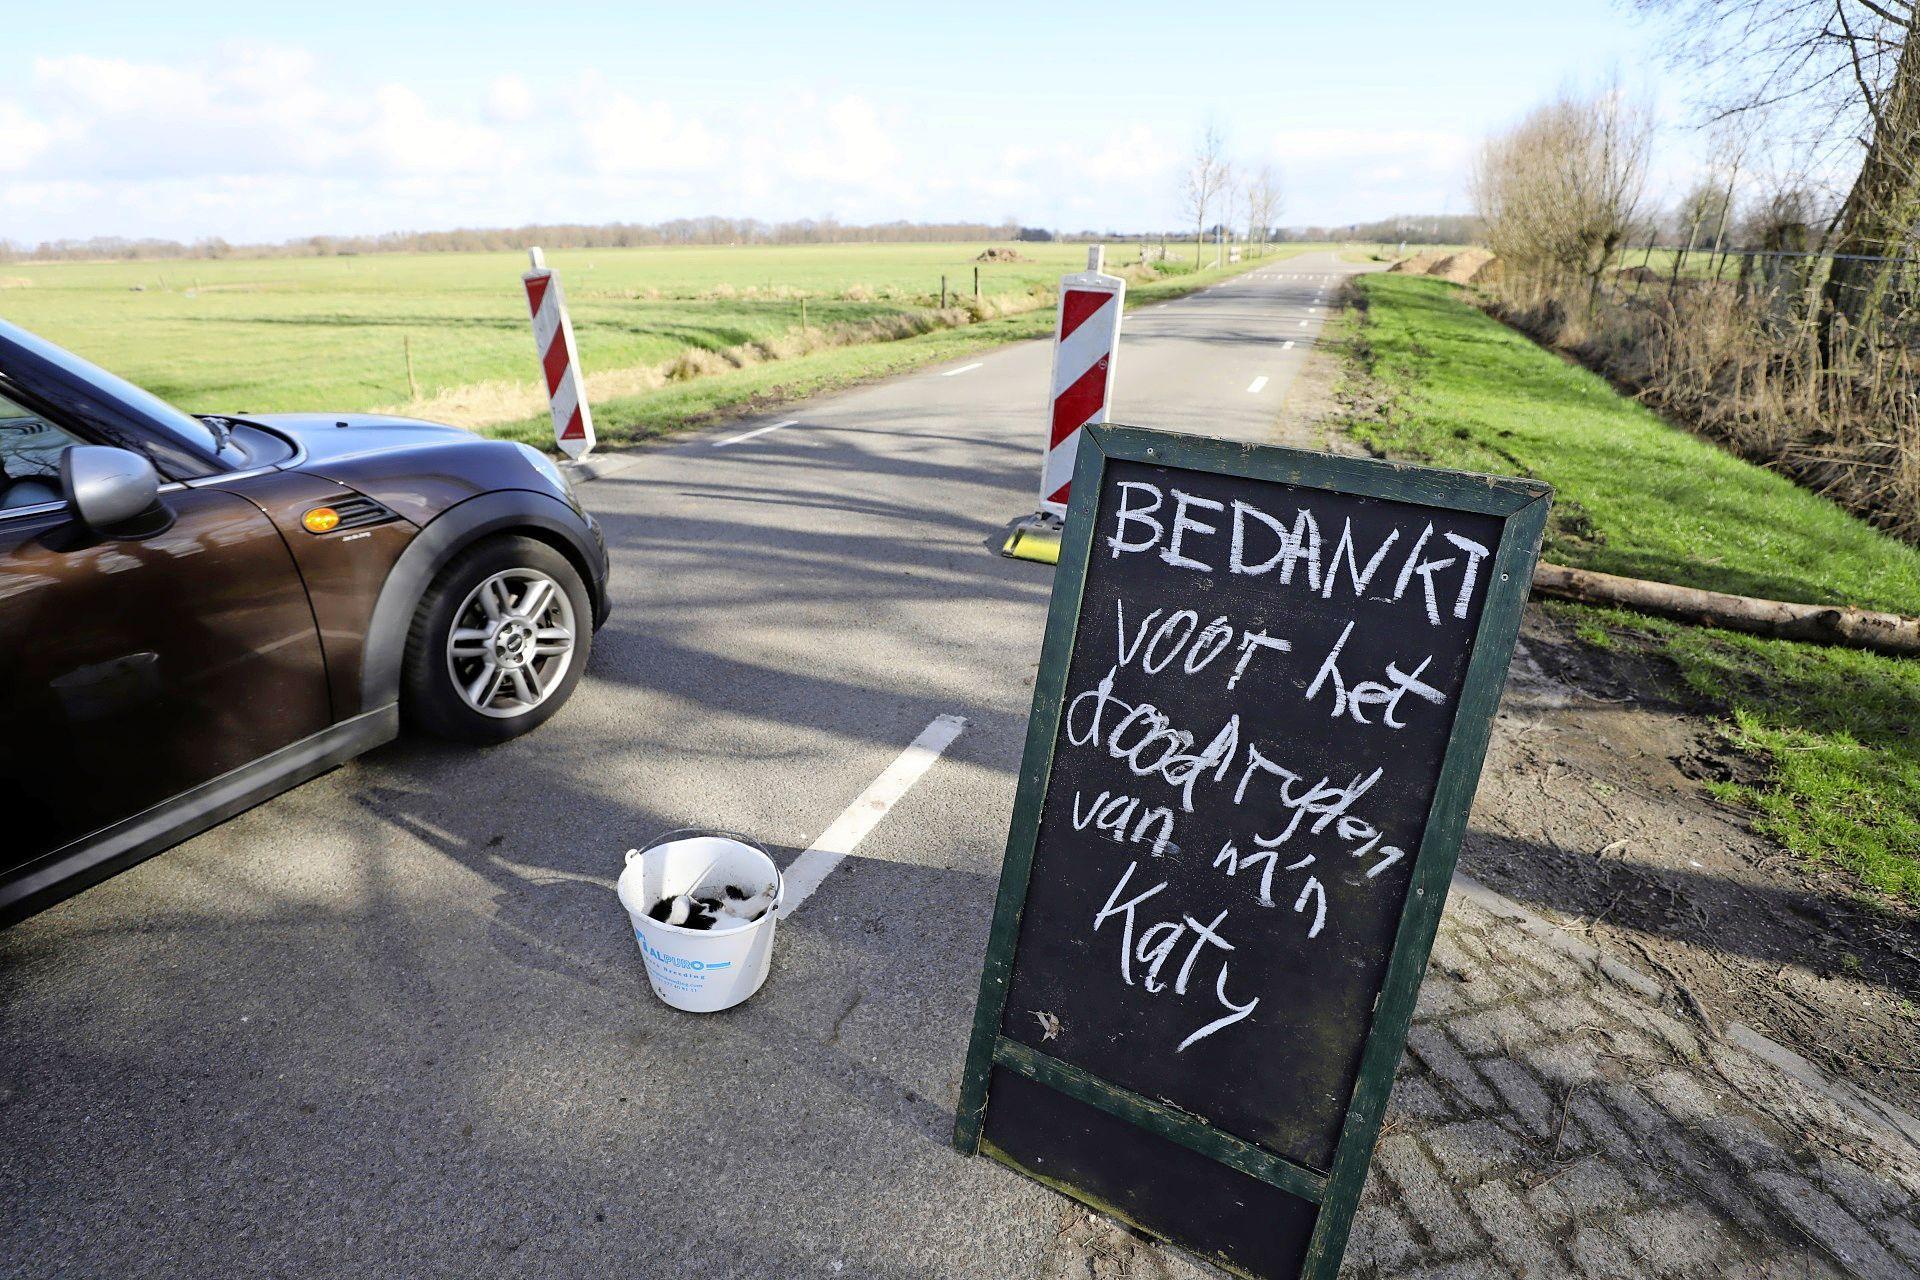 Doodgereden kat in een emmer als wanhopig protest, want Wytze Nauta is meer dan klaar met het gejakker over de polderwegen; 'Soest, er moet nu echt iets gebeuren!'